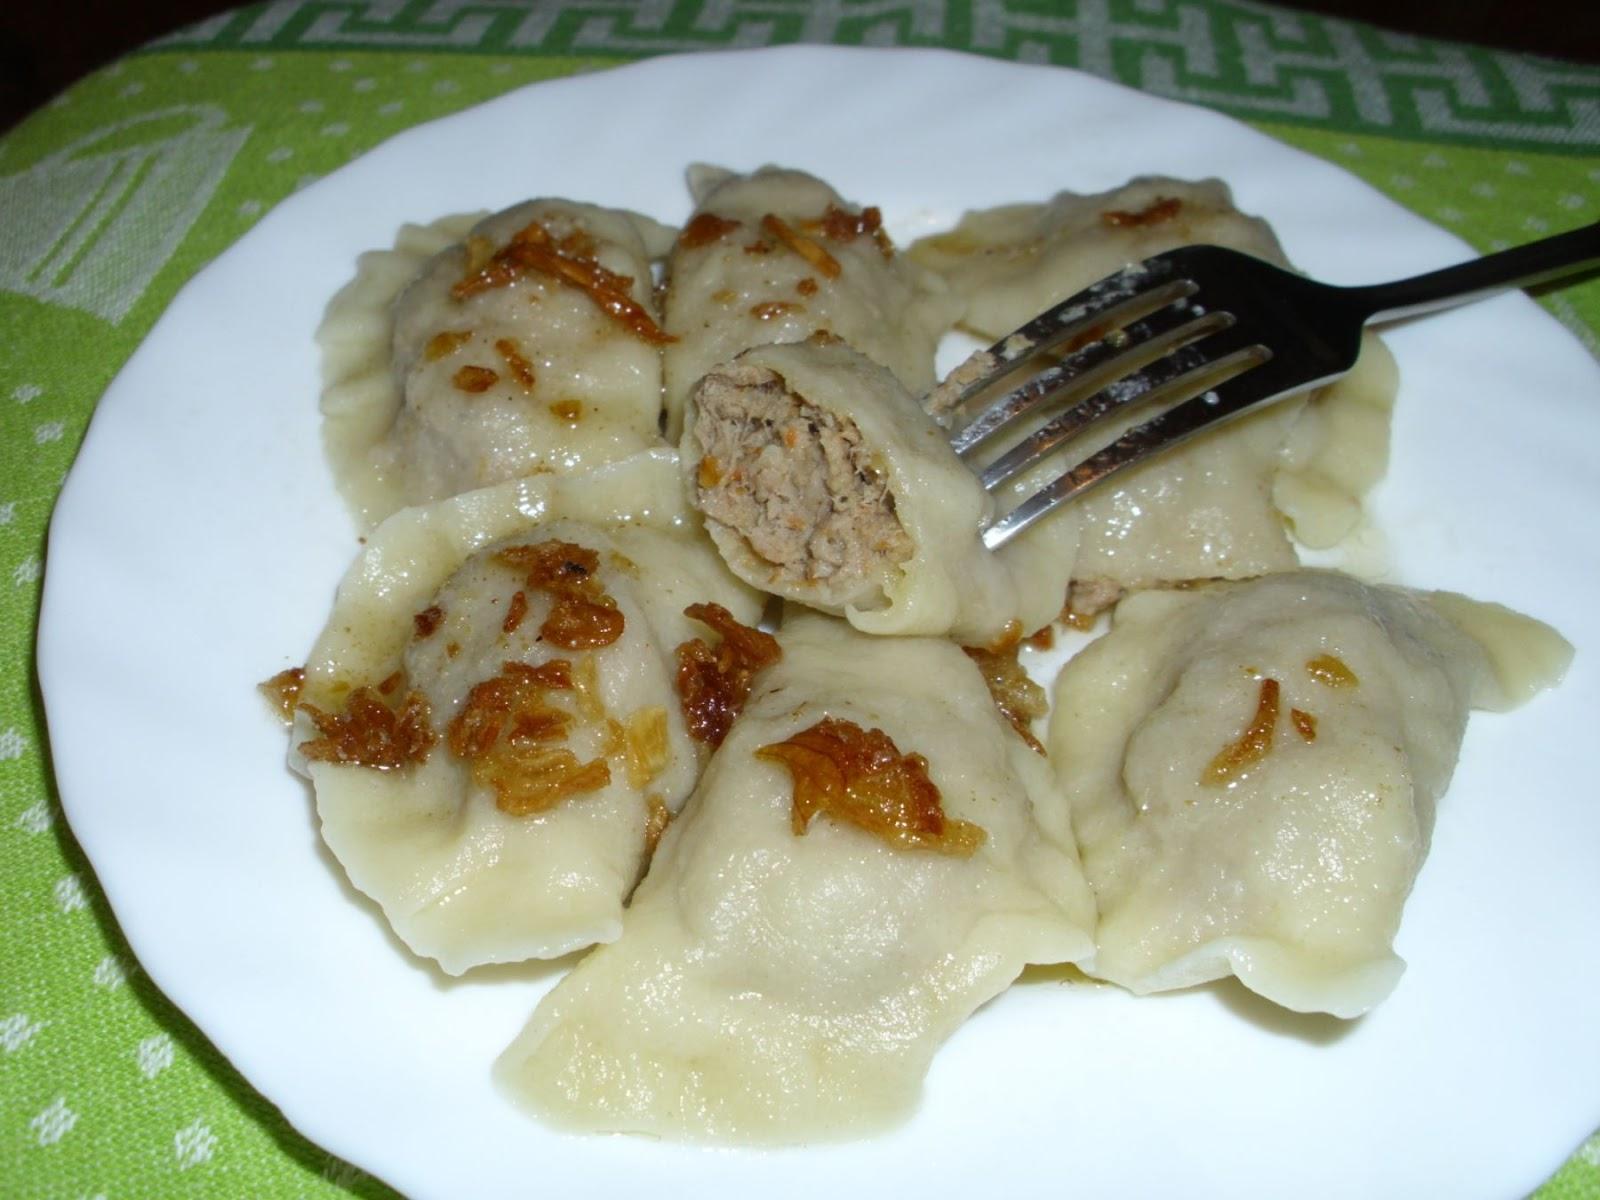 Moja Kuchnia Pachnaca Barszczem Pierogi Z Miesem Wg Babci Broni